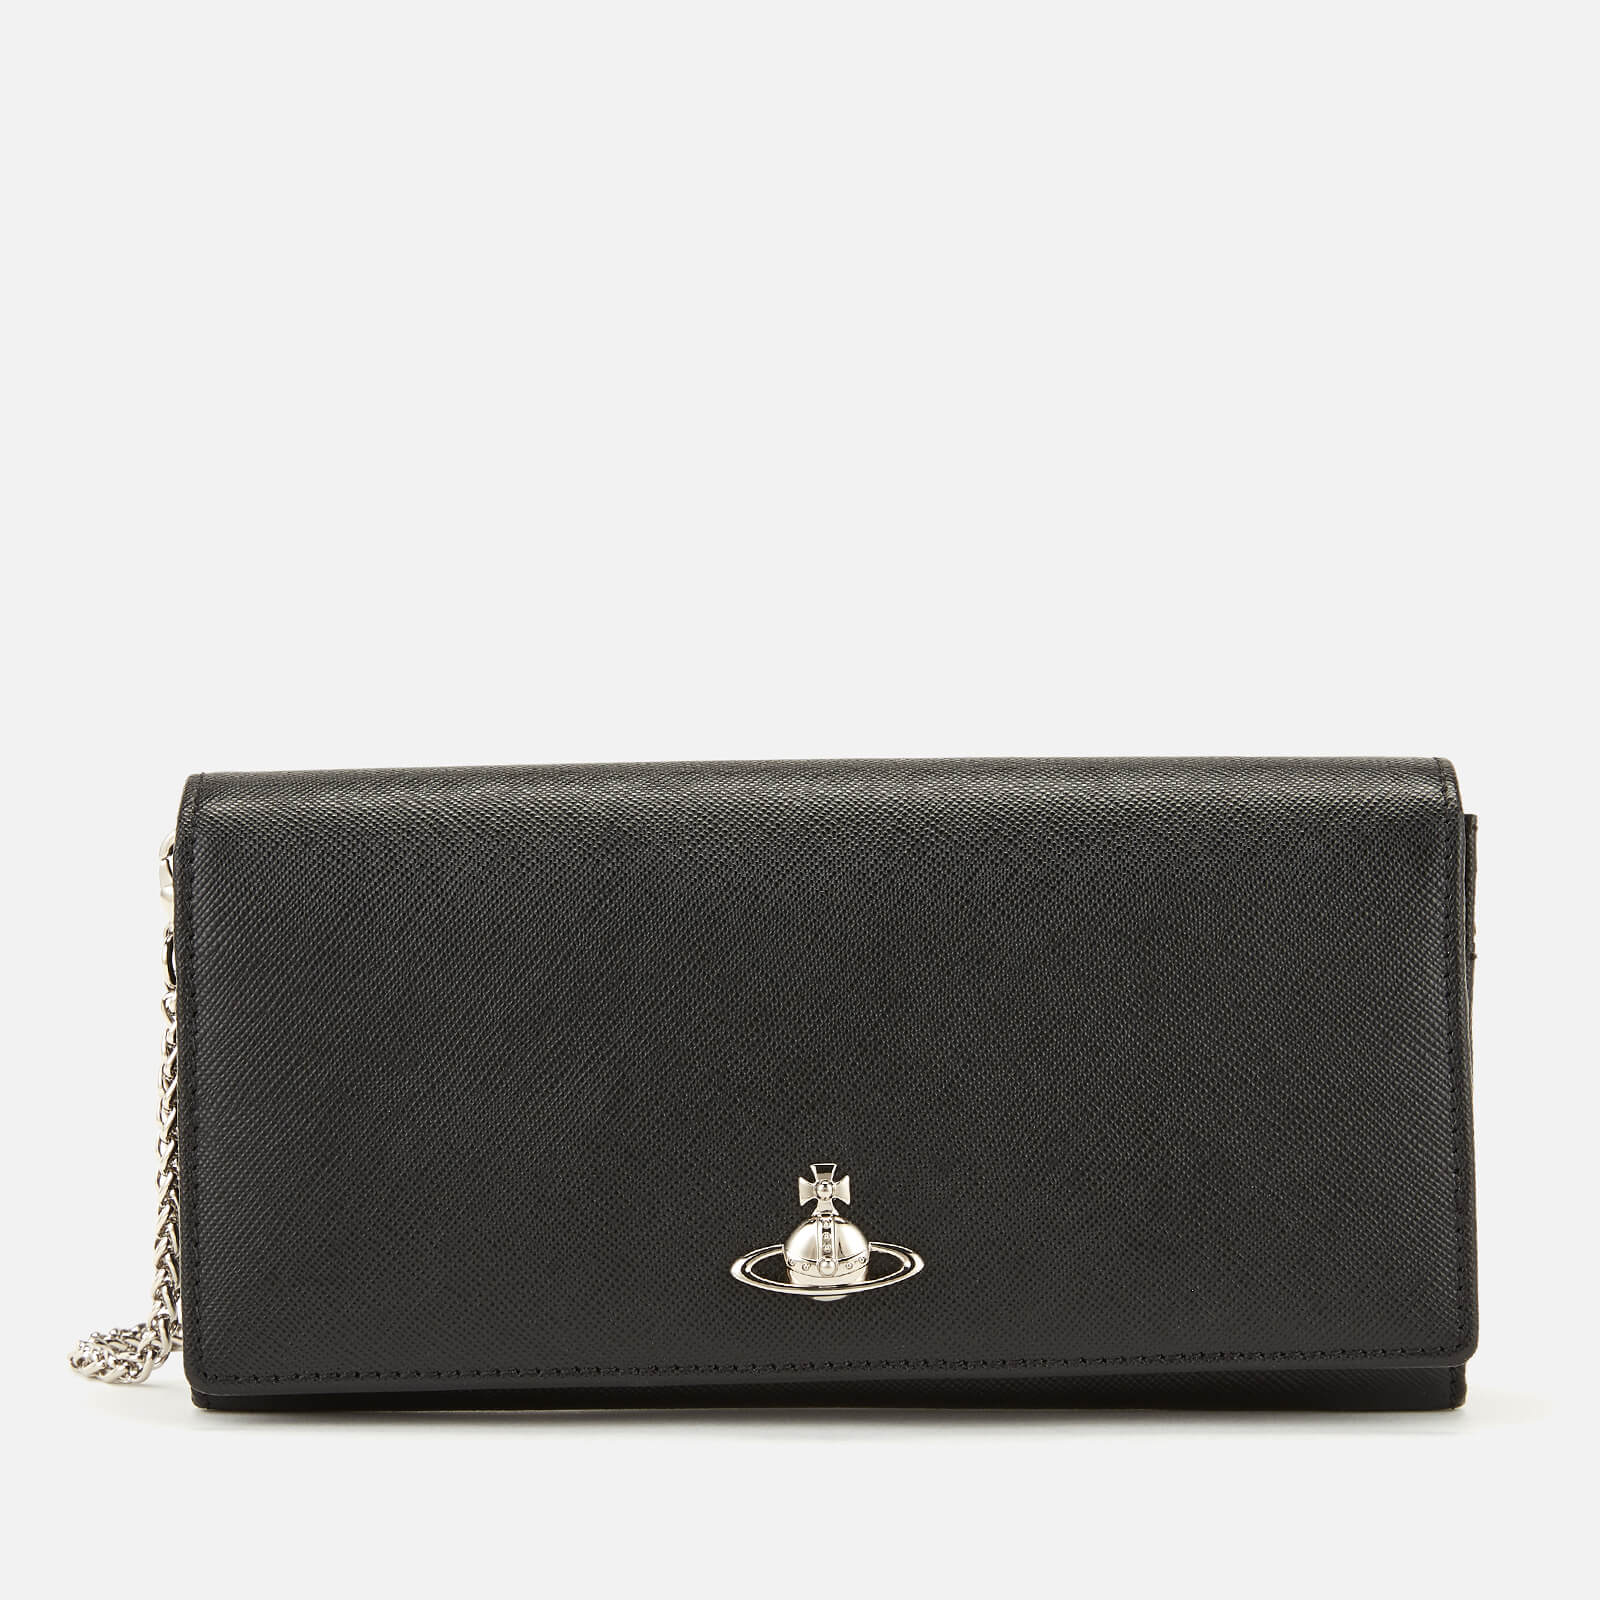 d612e4fe65c8 Vivienne Westwood Women's Pimlico Long Wallet with Chain - Black